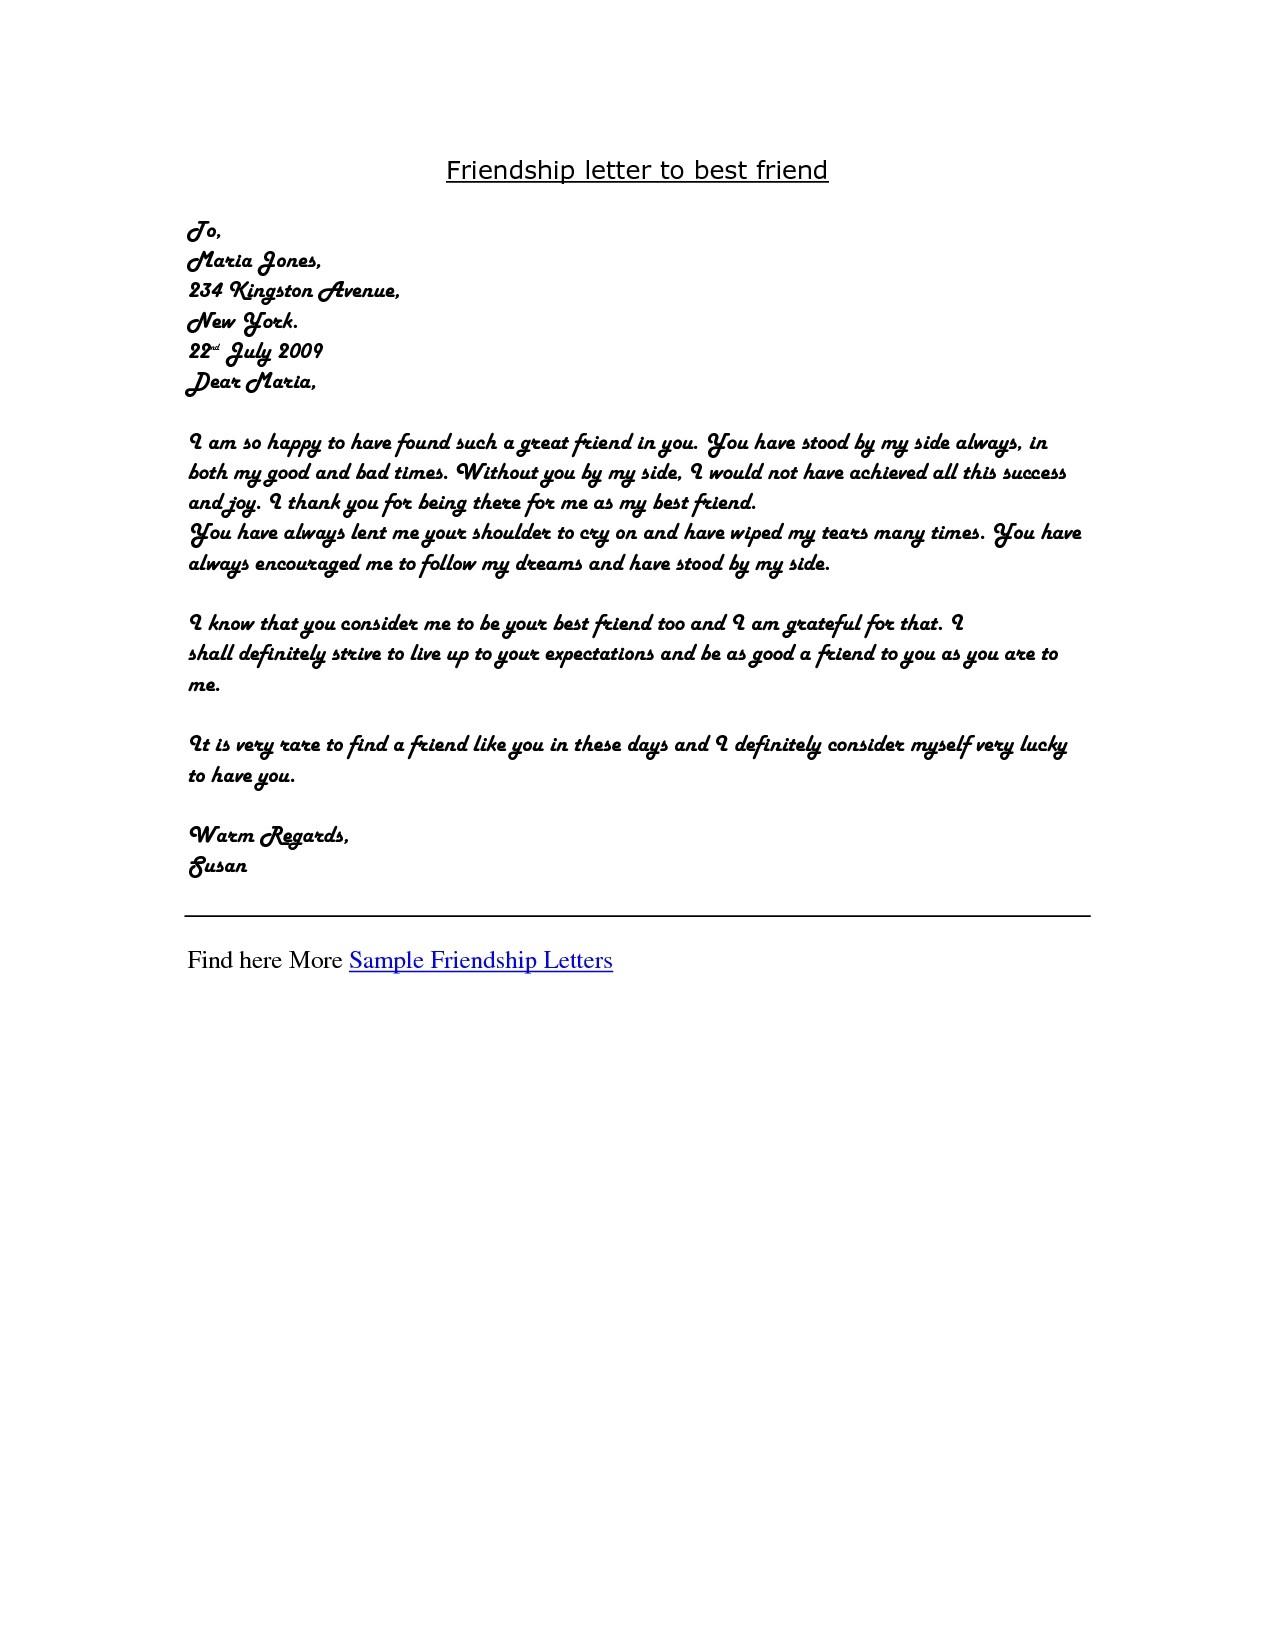 Personal Loan Template Letter - Personal Loan Letter format Pany Speakeasymedia Sample Loan